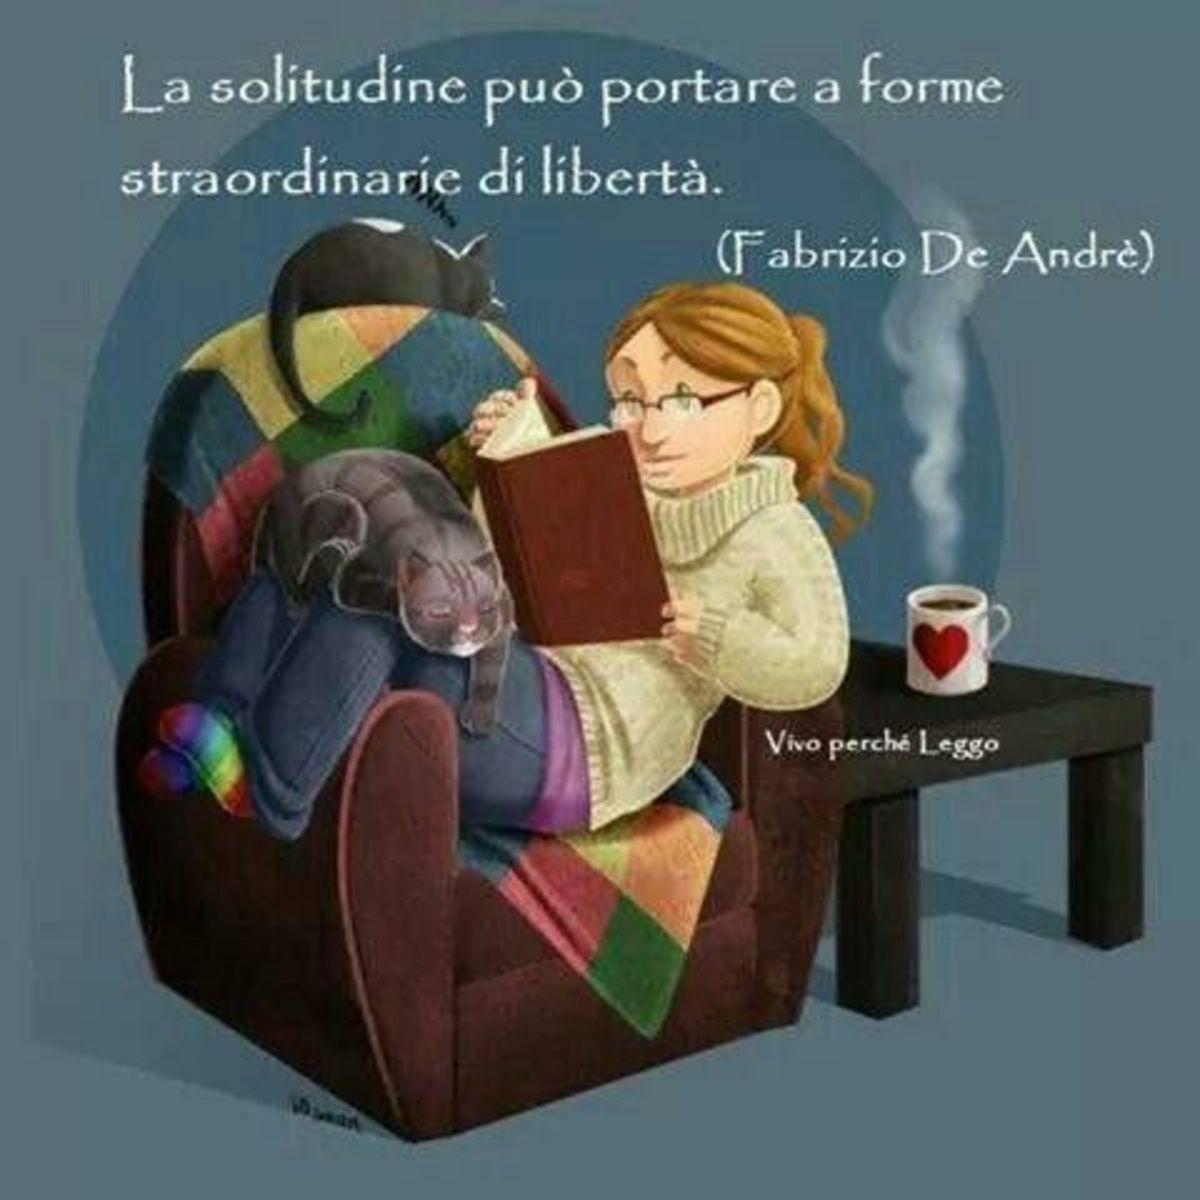 La solitudine può portare a forme straordinarie di libertà (Fabrizio de André)